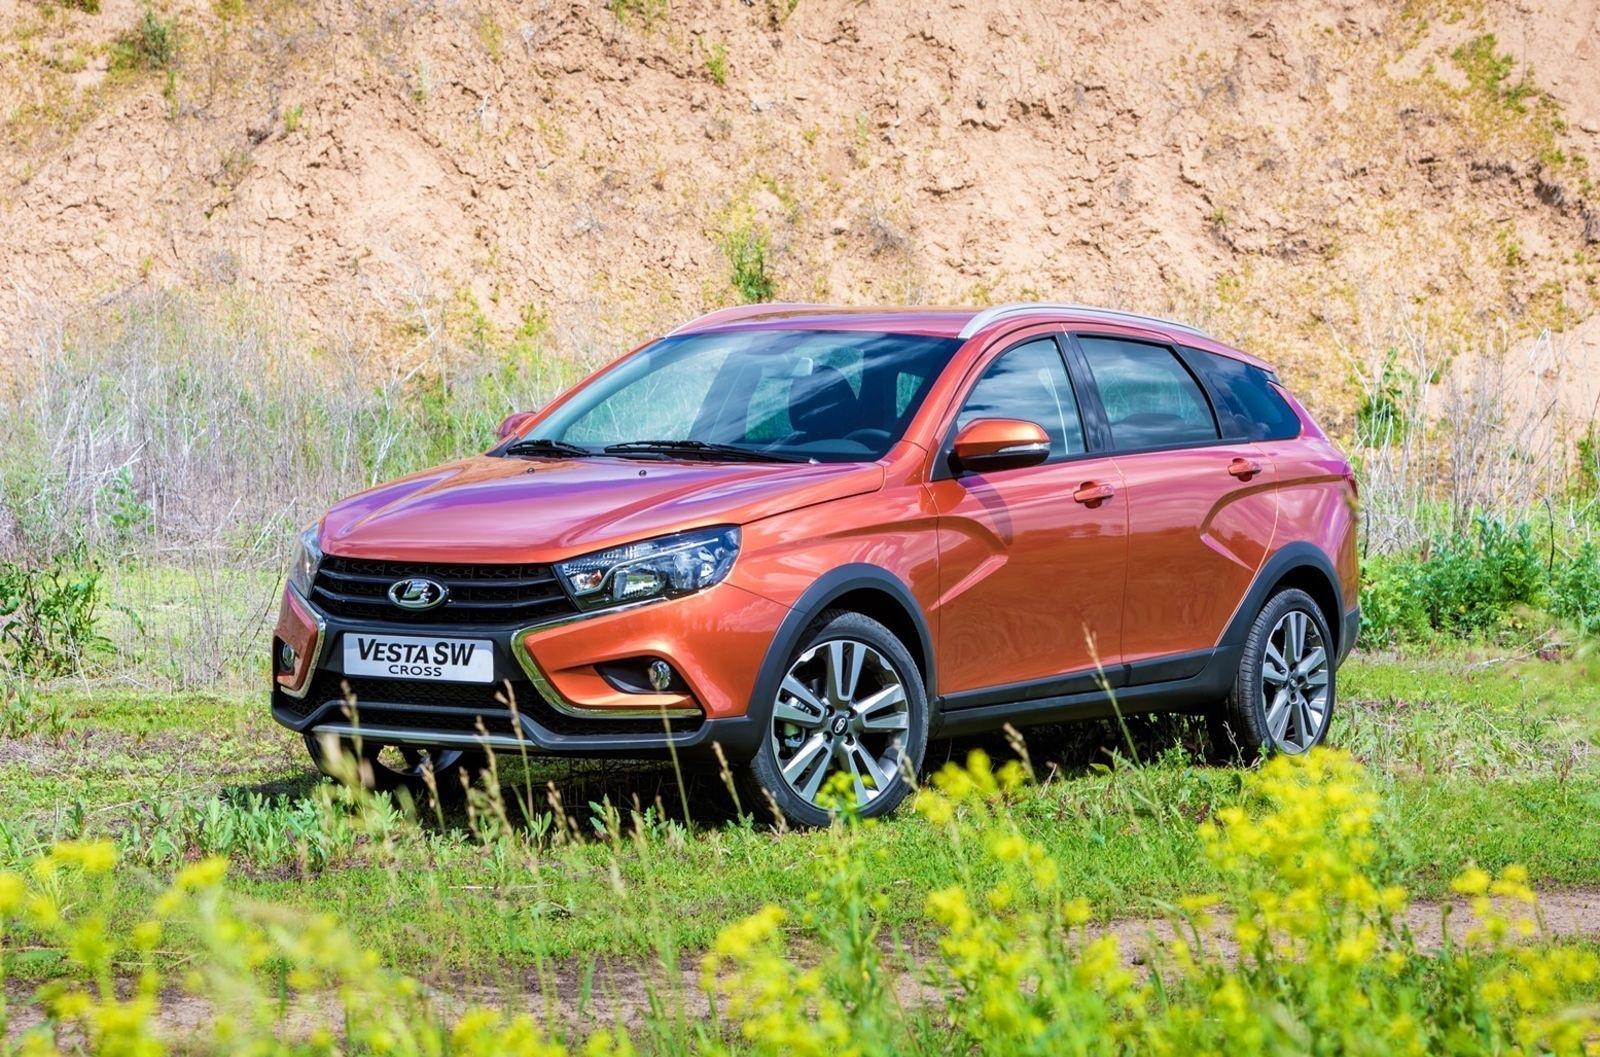 Lada уходит с европейского рынка